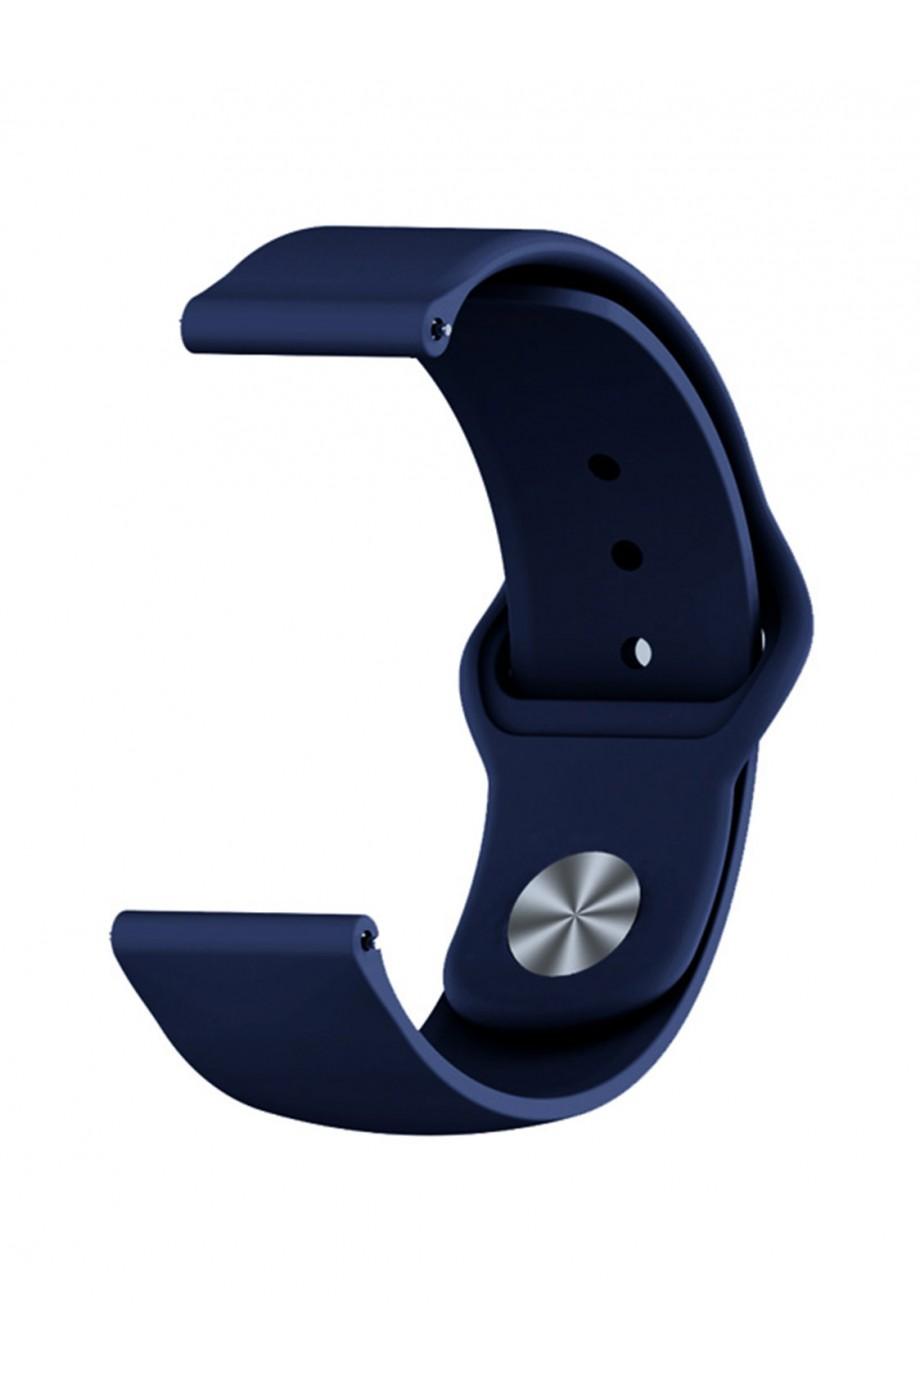 Силиконовый ремешок для Amazfit Stratos 2, 22 мм, застежка pin-and-tuck, темно-синий, mz-08